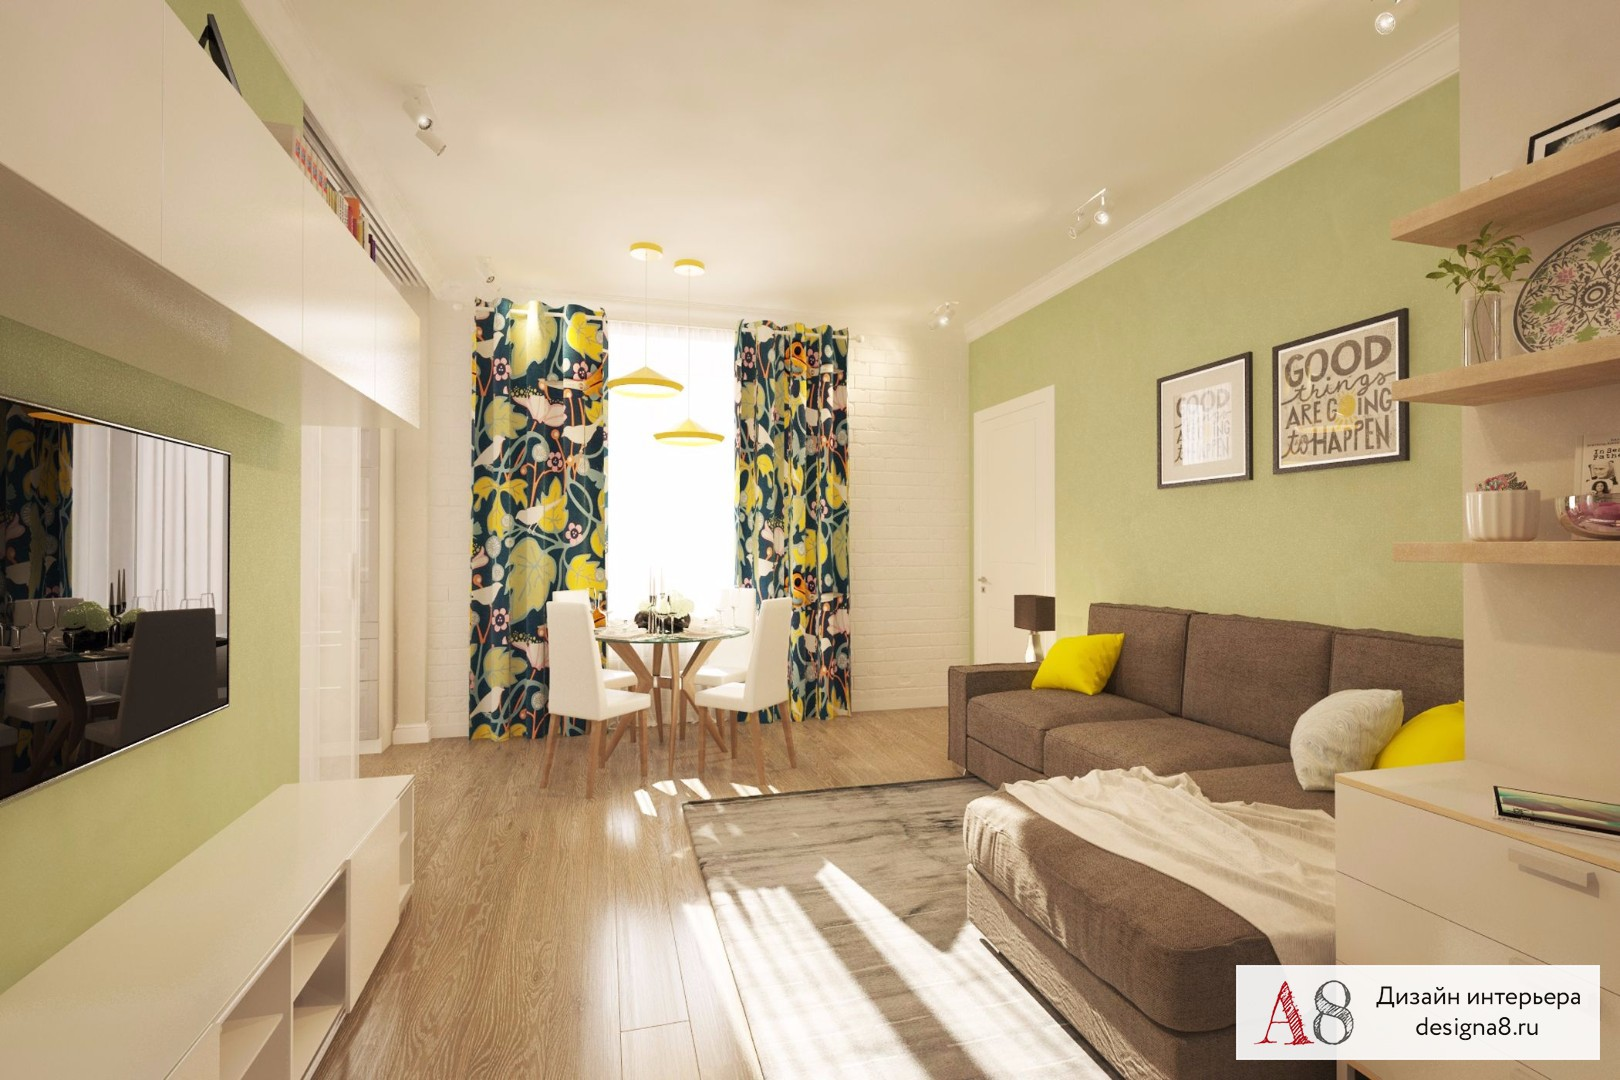 Узкая кухня-гостиная 20 кв.м дизайн